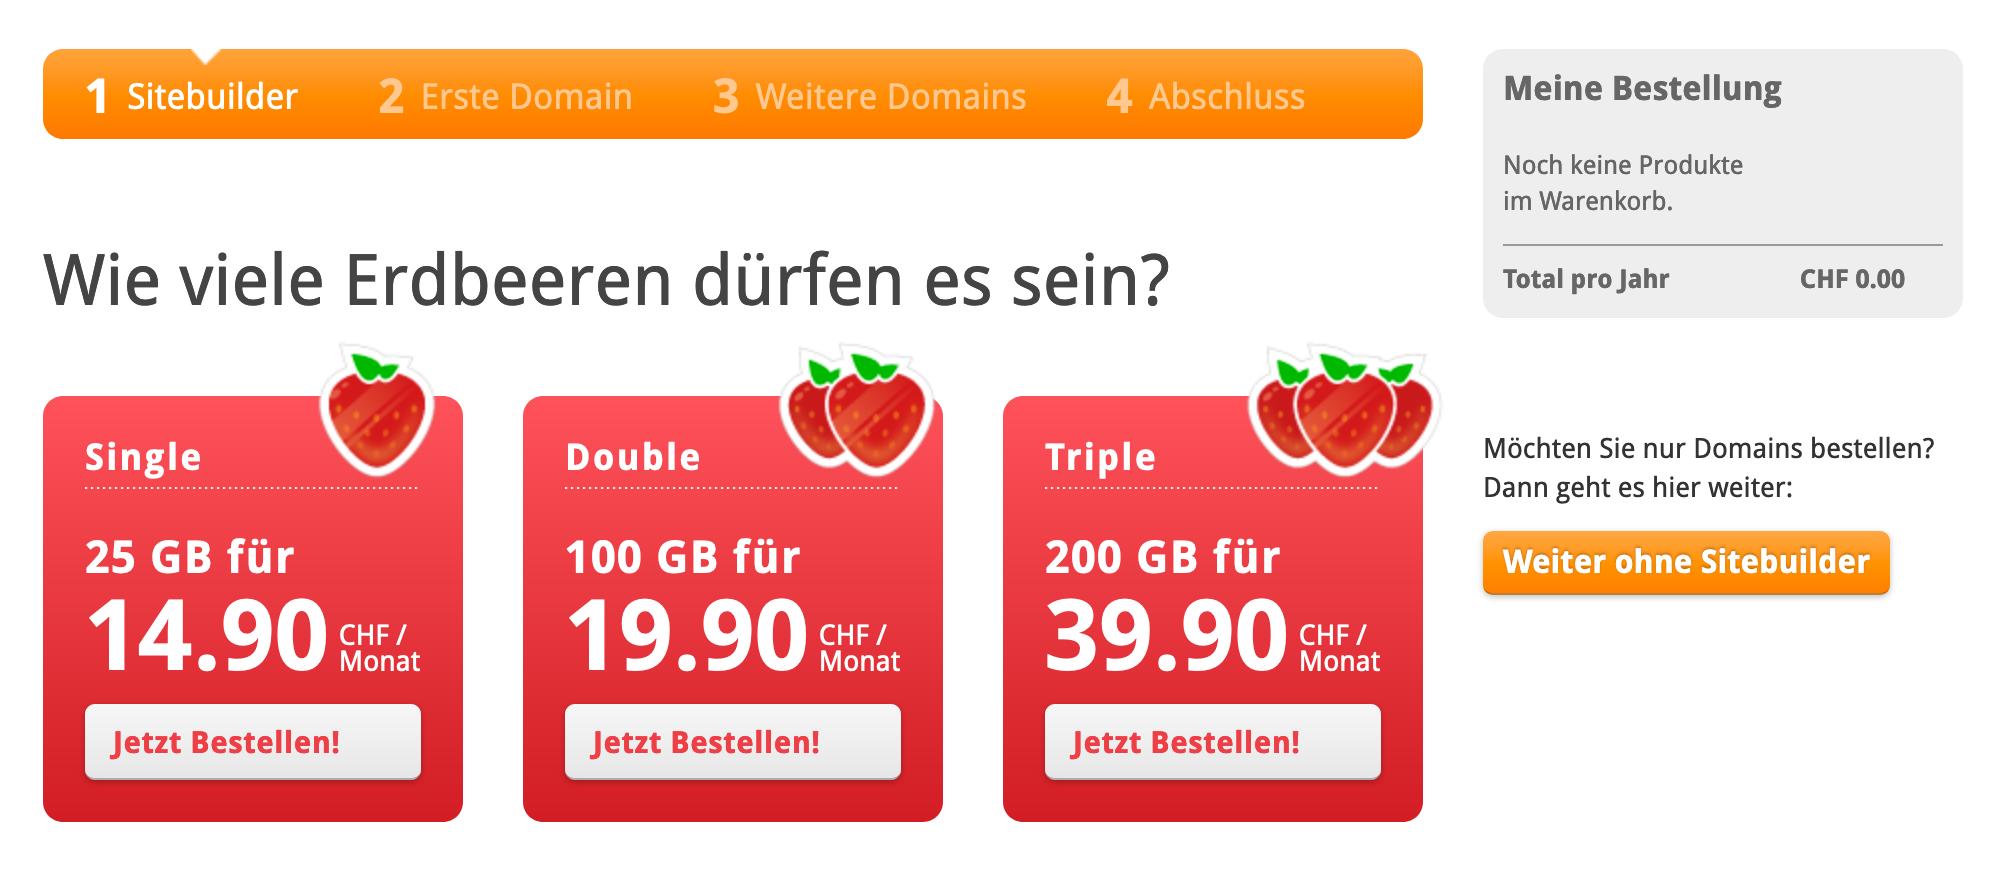 Wie viele Erdbeeren dürfen es sein?